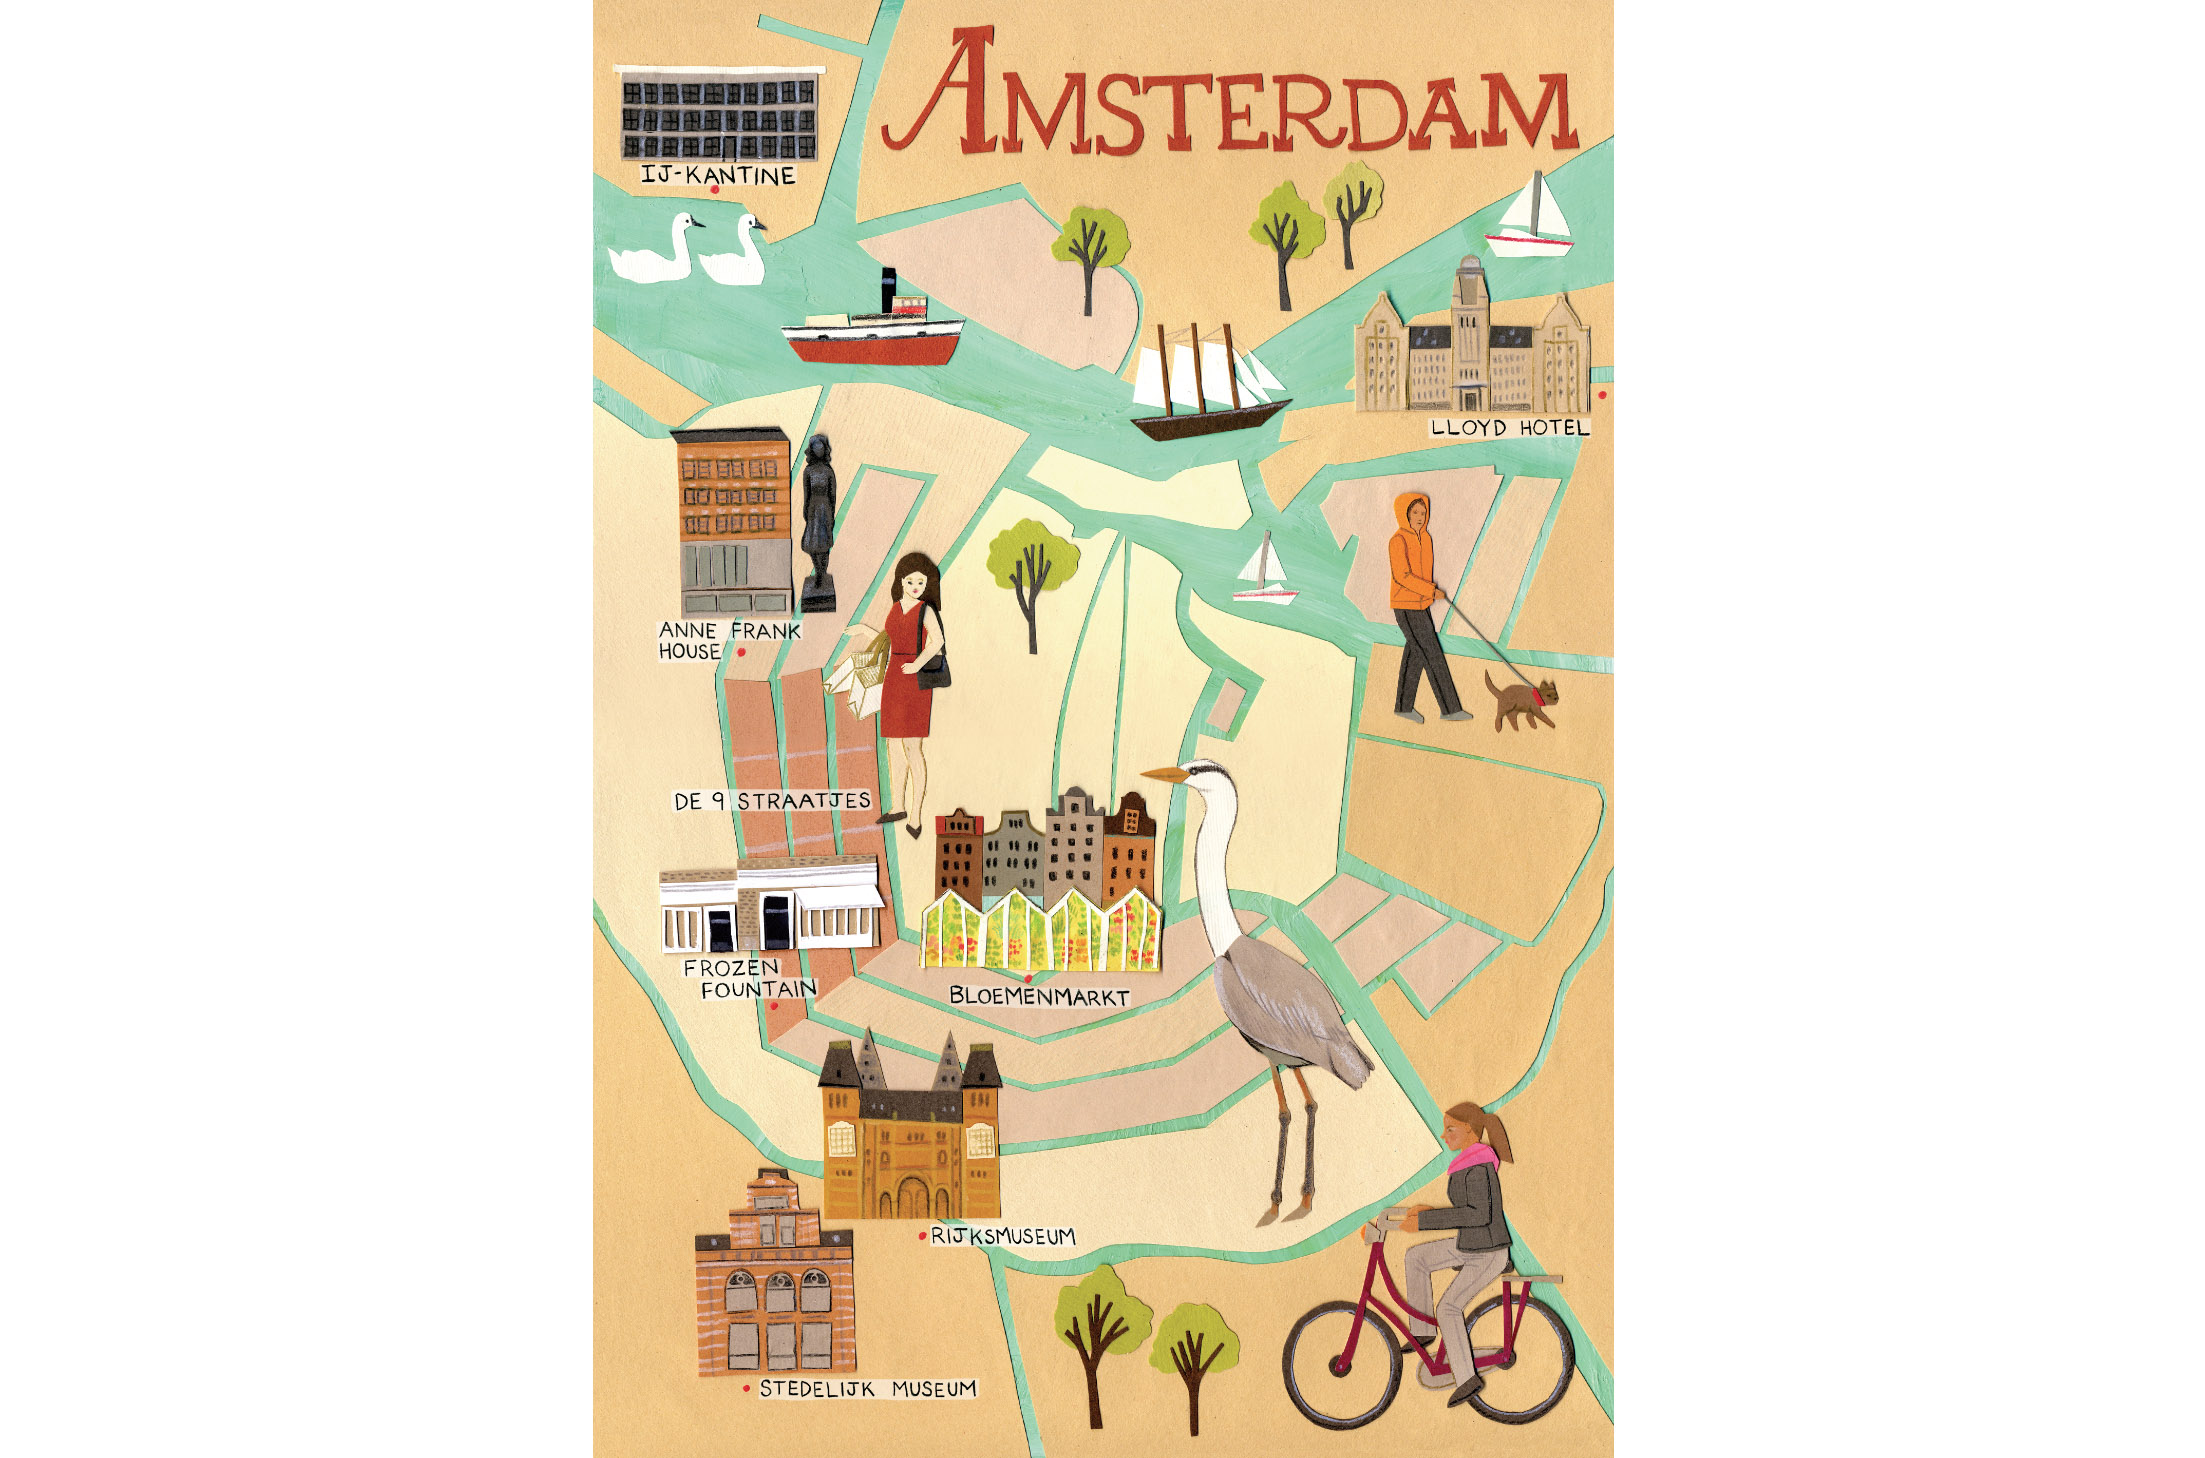 amsterdam_illustrated_map_anthology_magazine.jpg